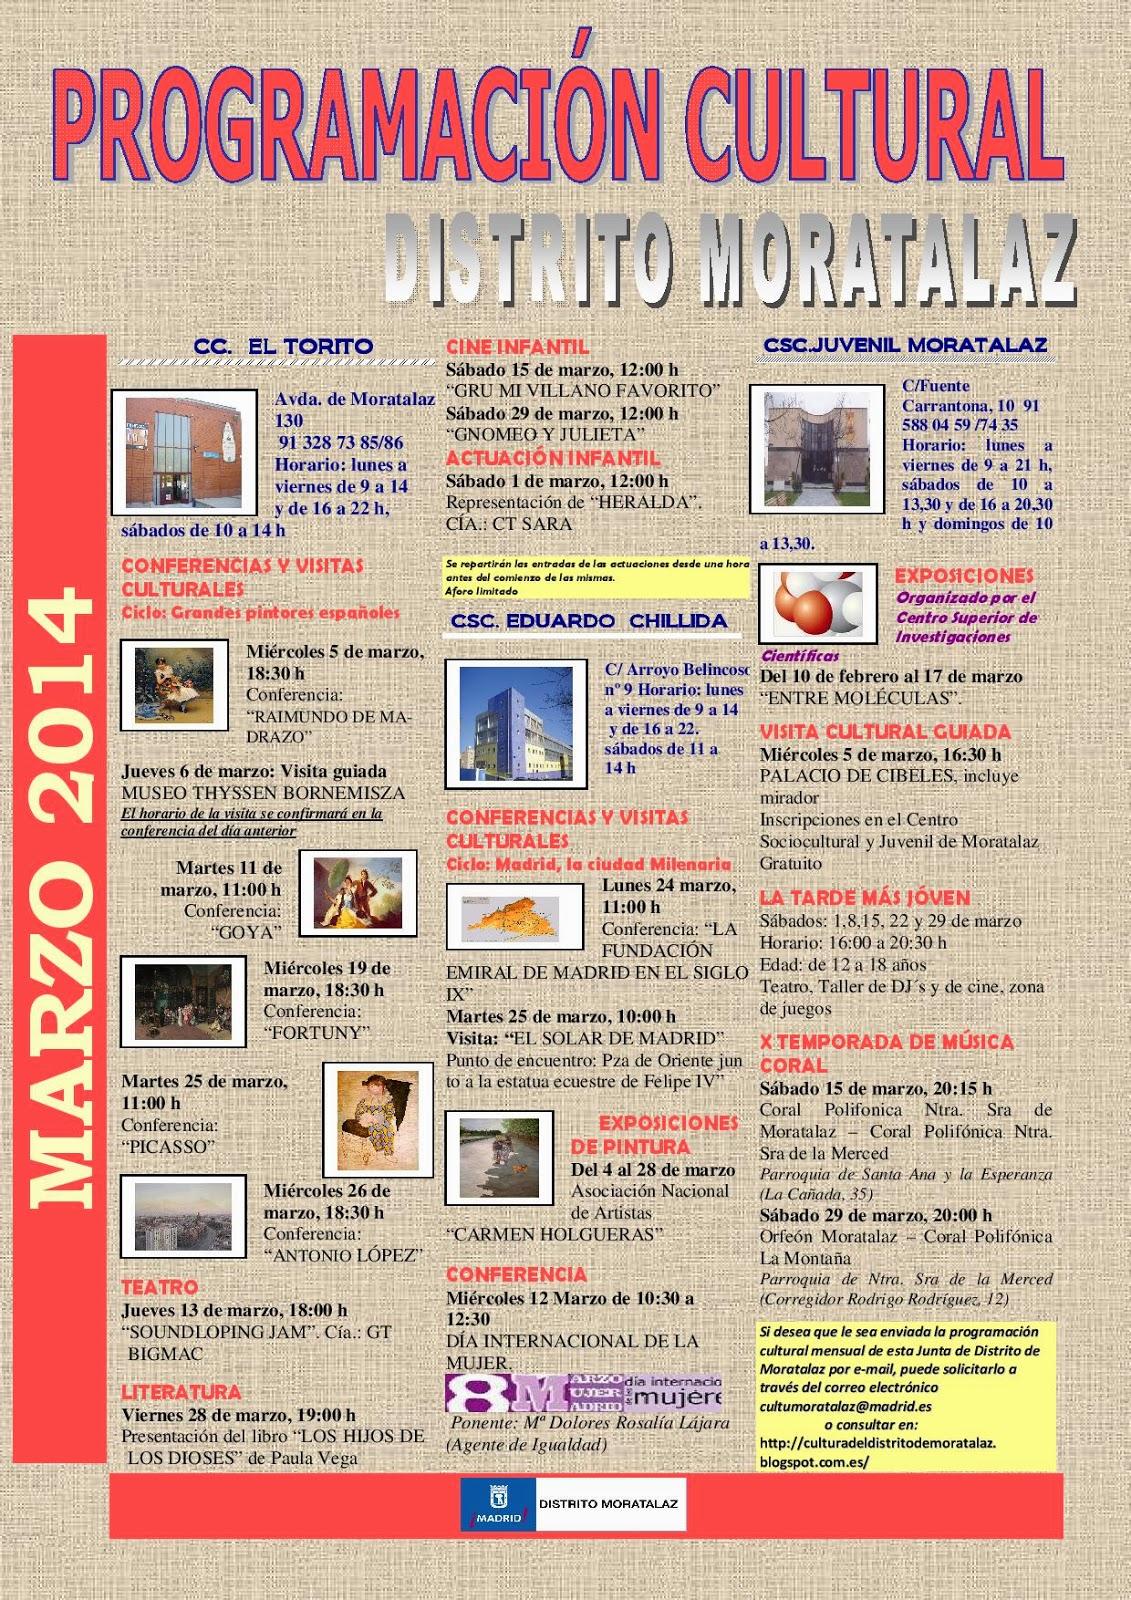 Programación cultural del Distrito de Moratalaz. Marzo de 2014.